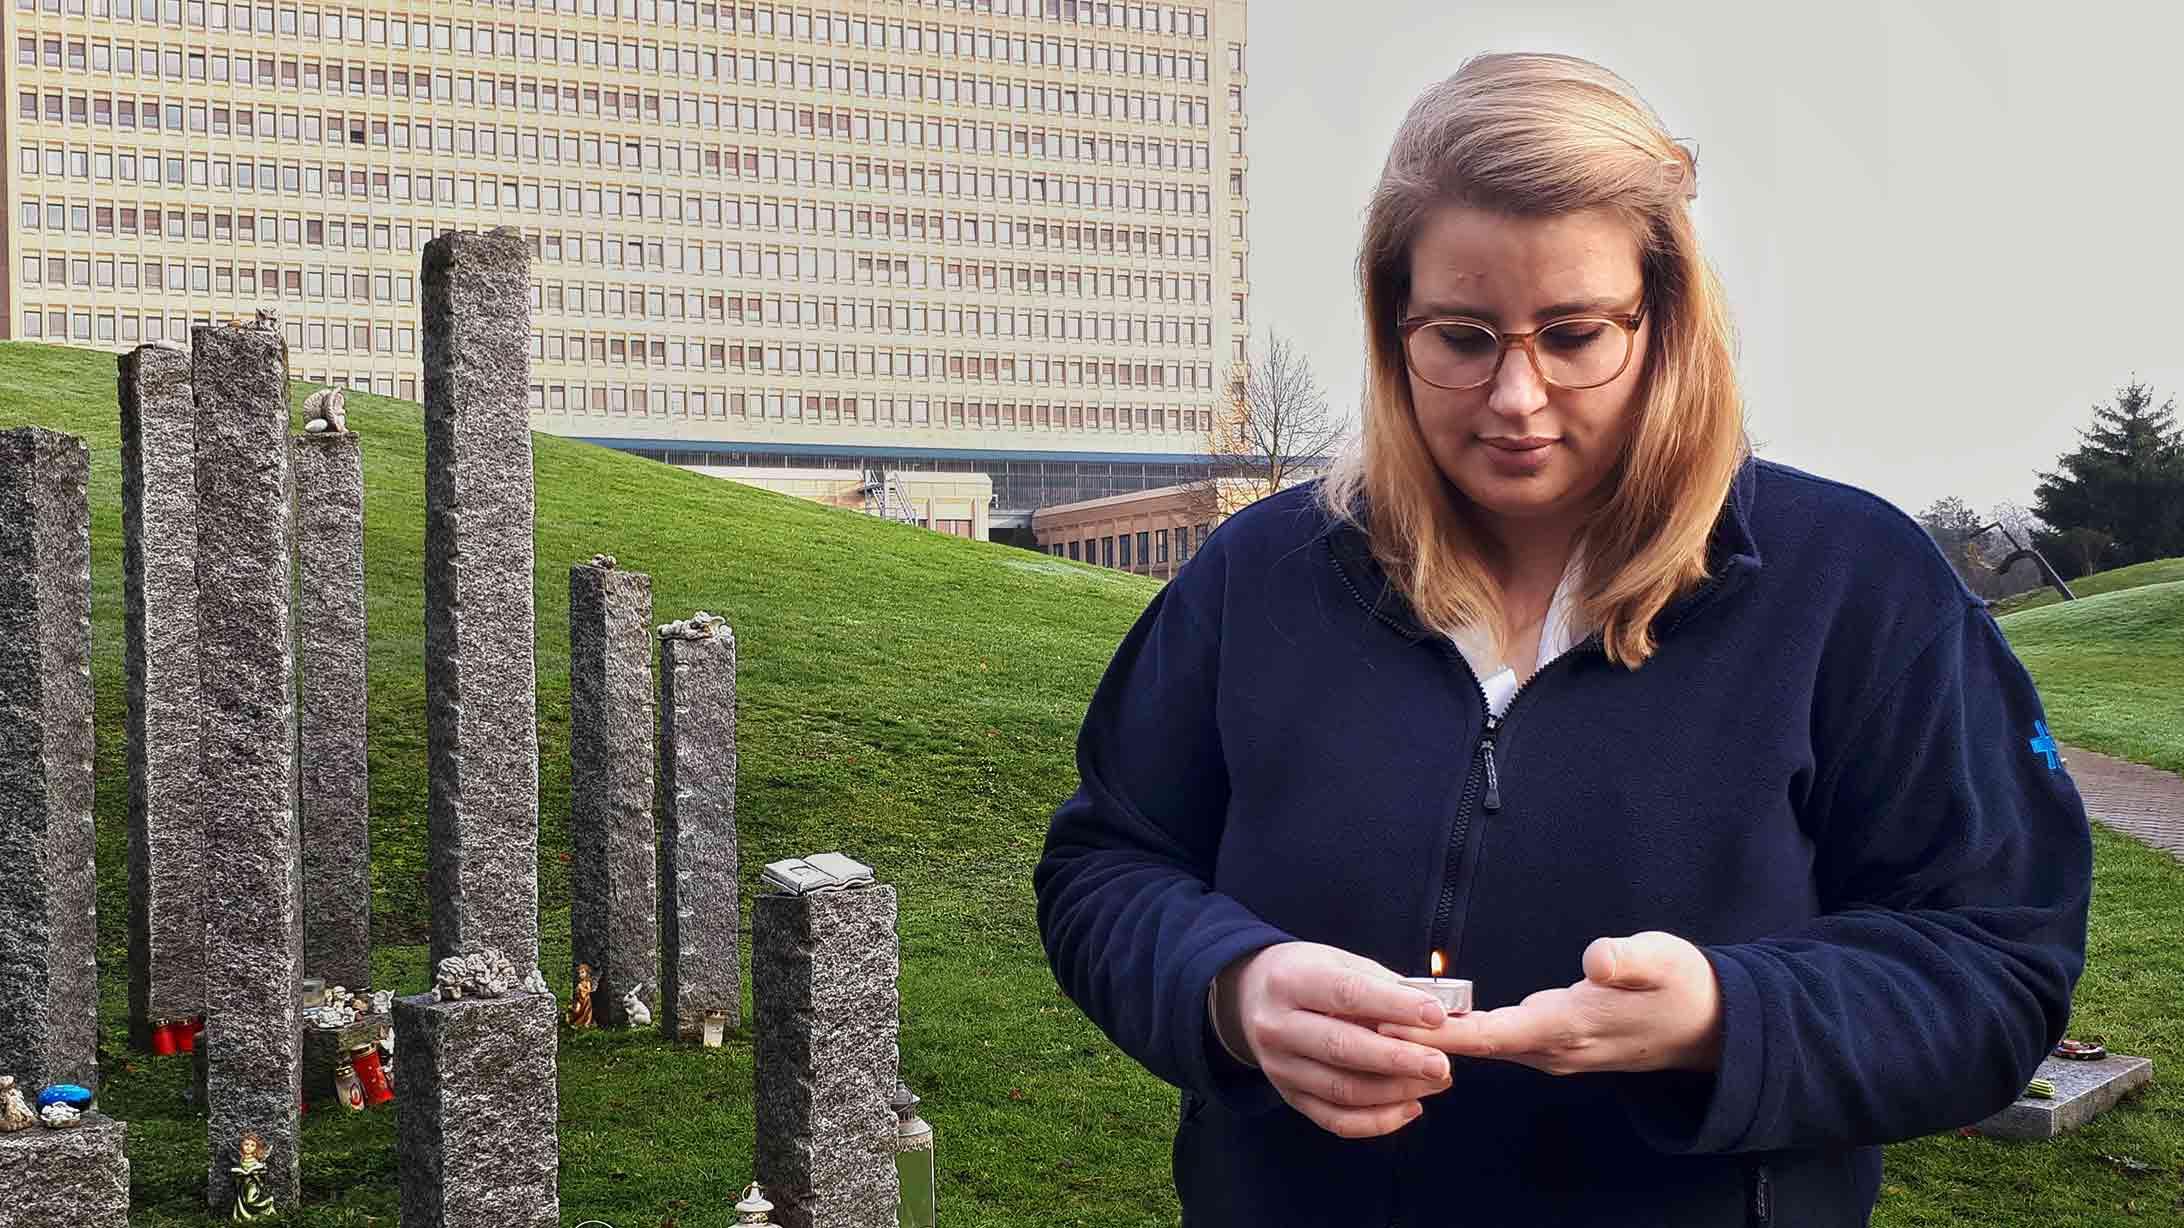 Totgeburt: Die Hebamme Felicia Burckhardt steht vor der Gedenkstätte für frühverlorenen Kinder am KSB mit einer Kerze in der Hand.